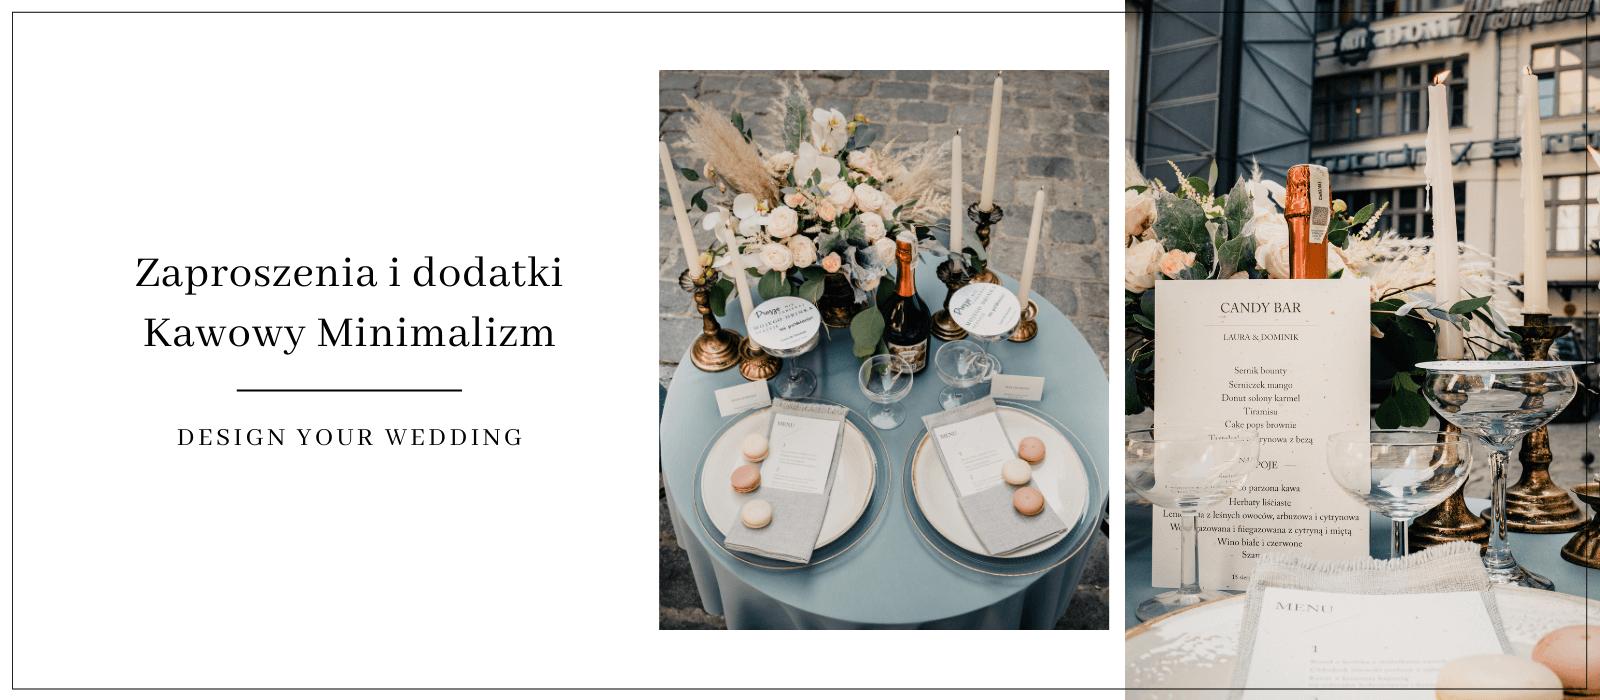 Zaproszenia na ślub jesienią _ Design Your Wedding (6)